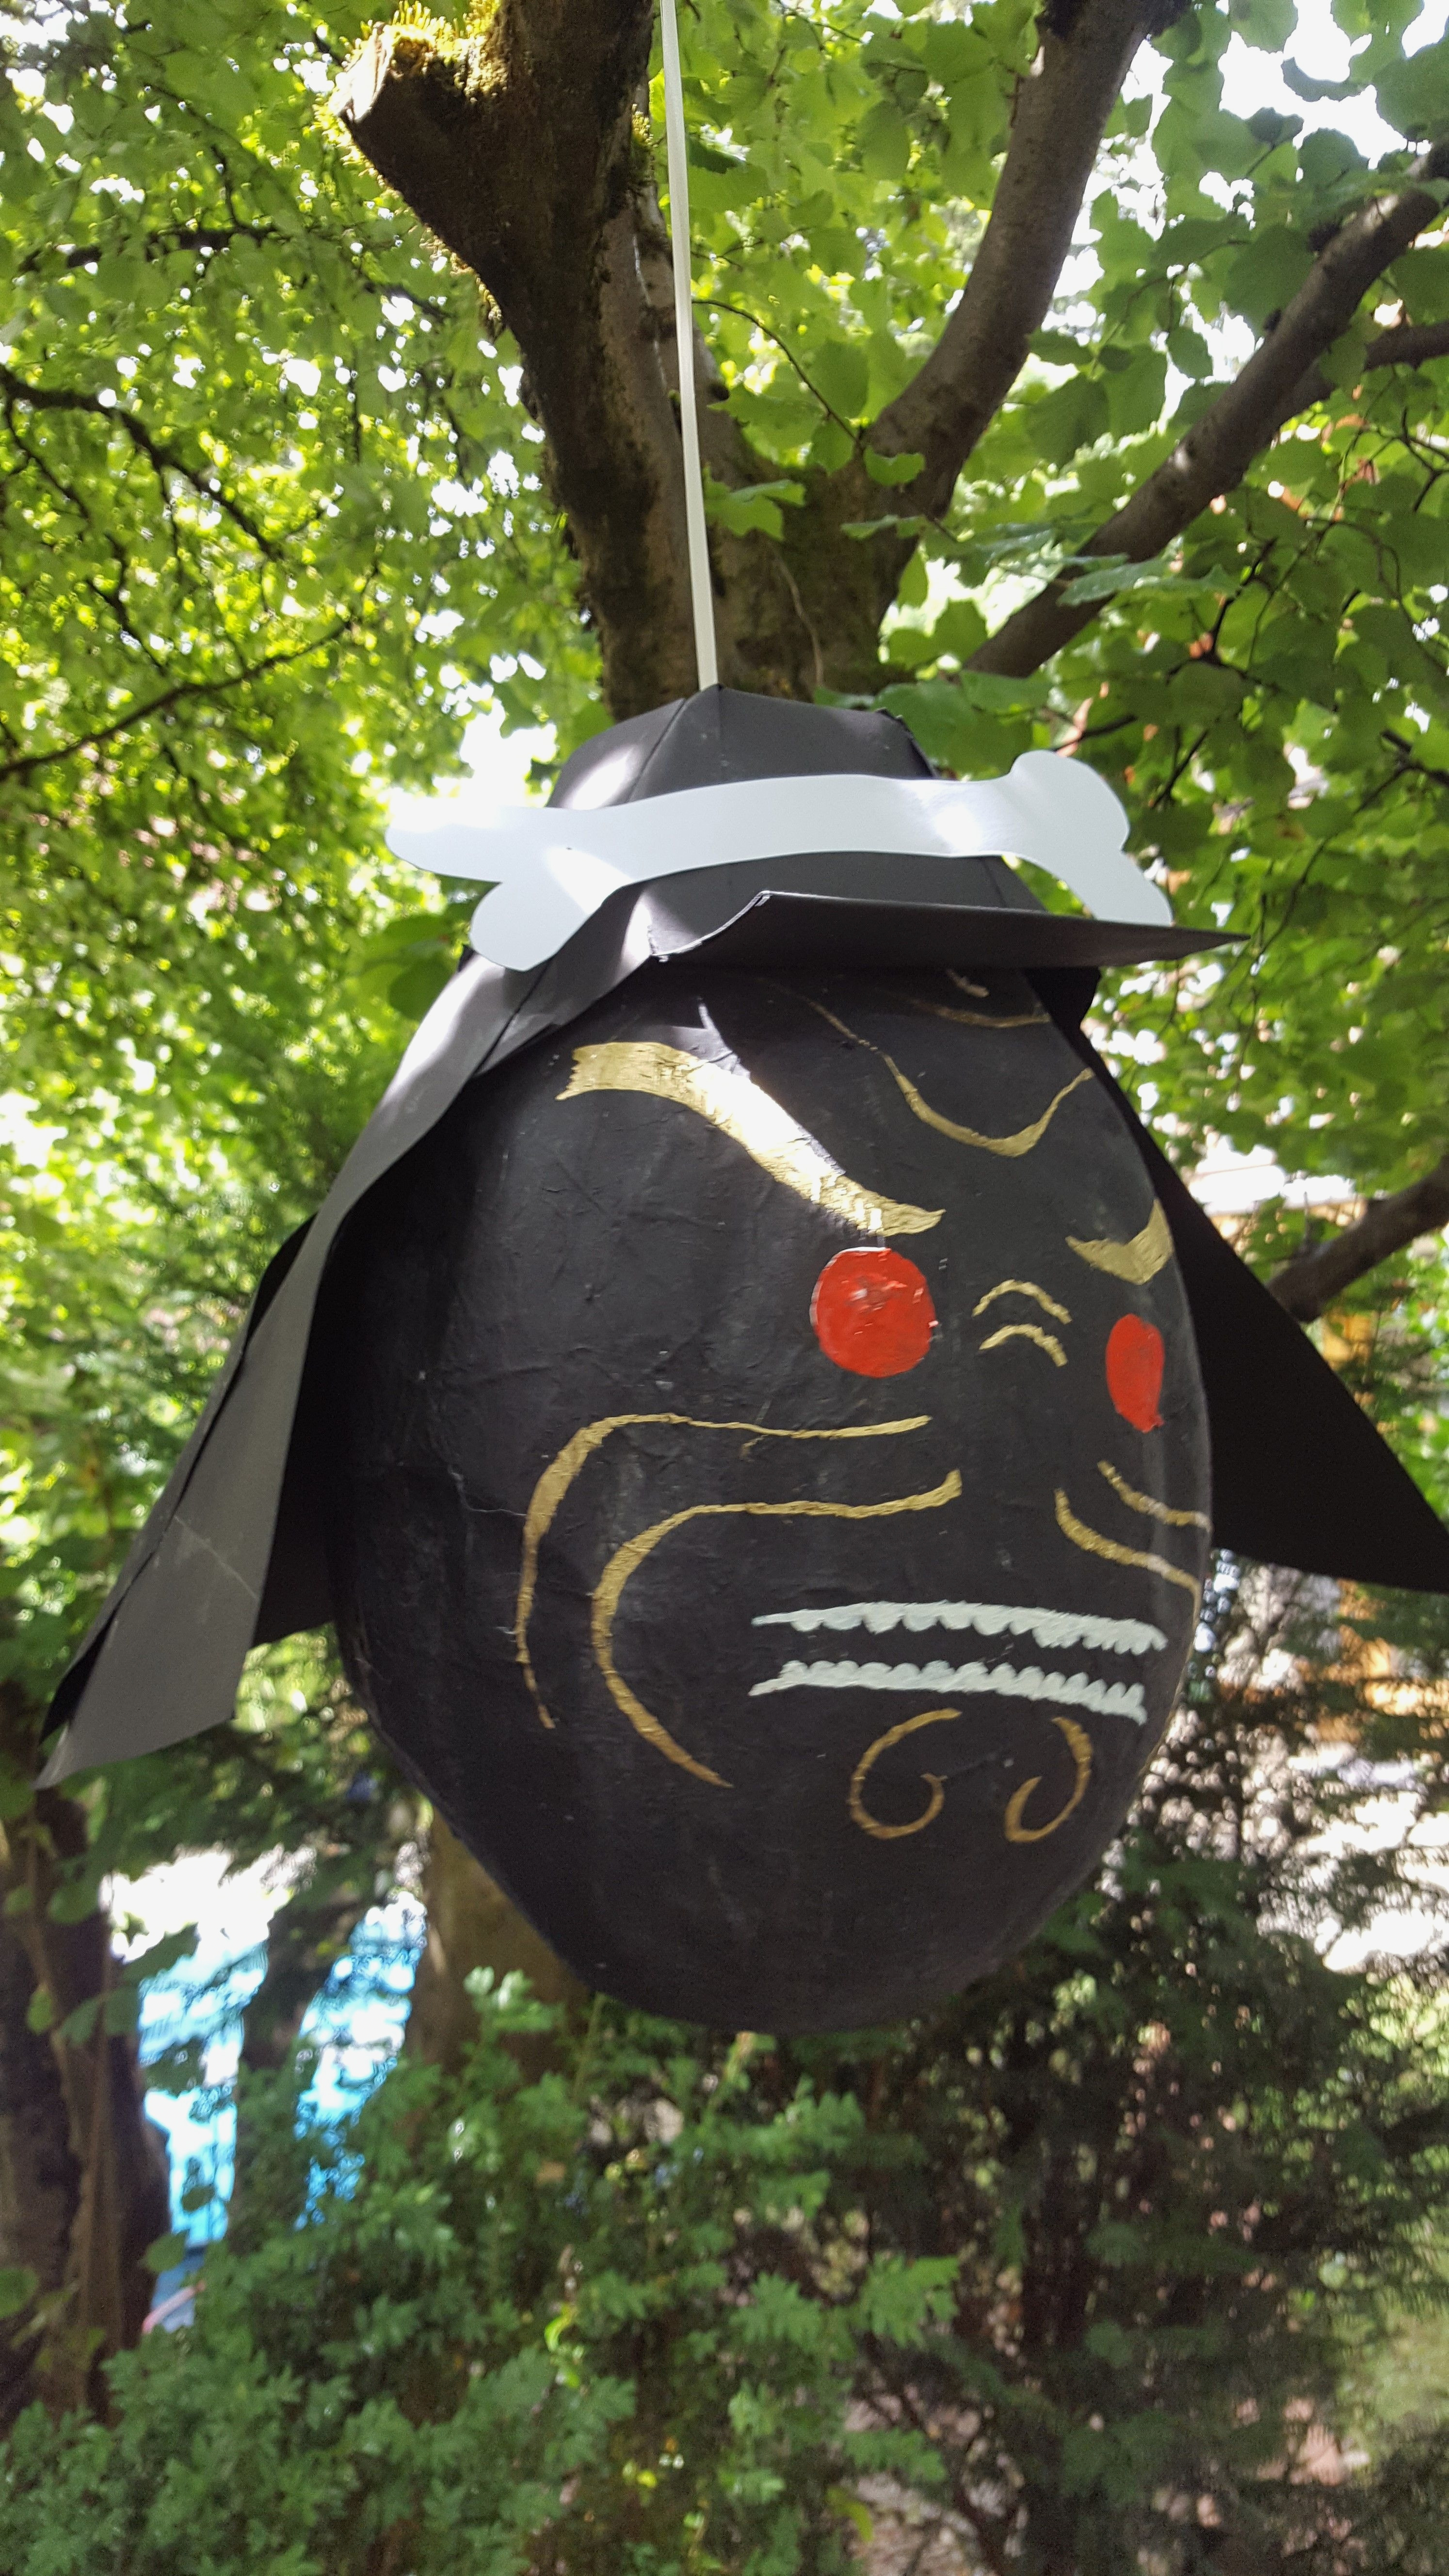 Ninjago Ausmalbilder Lord Garmadon Inspirierend Spannende Coloring Bilder Malvorlagen Luftballons Kostenlos Galerie